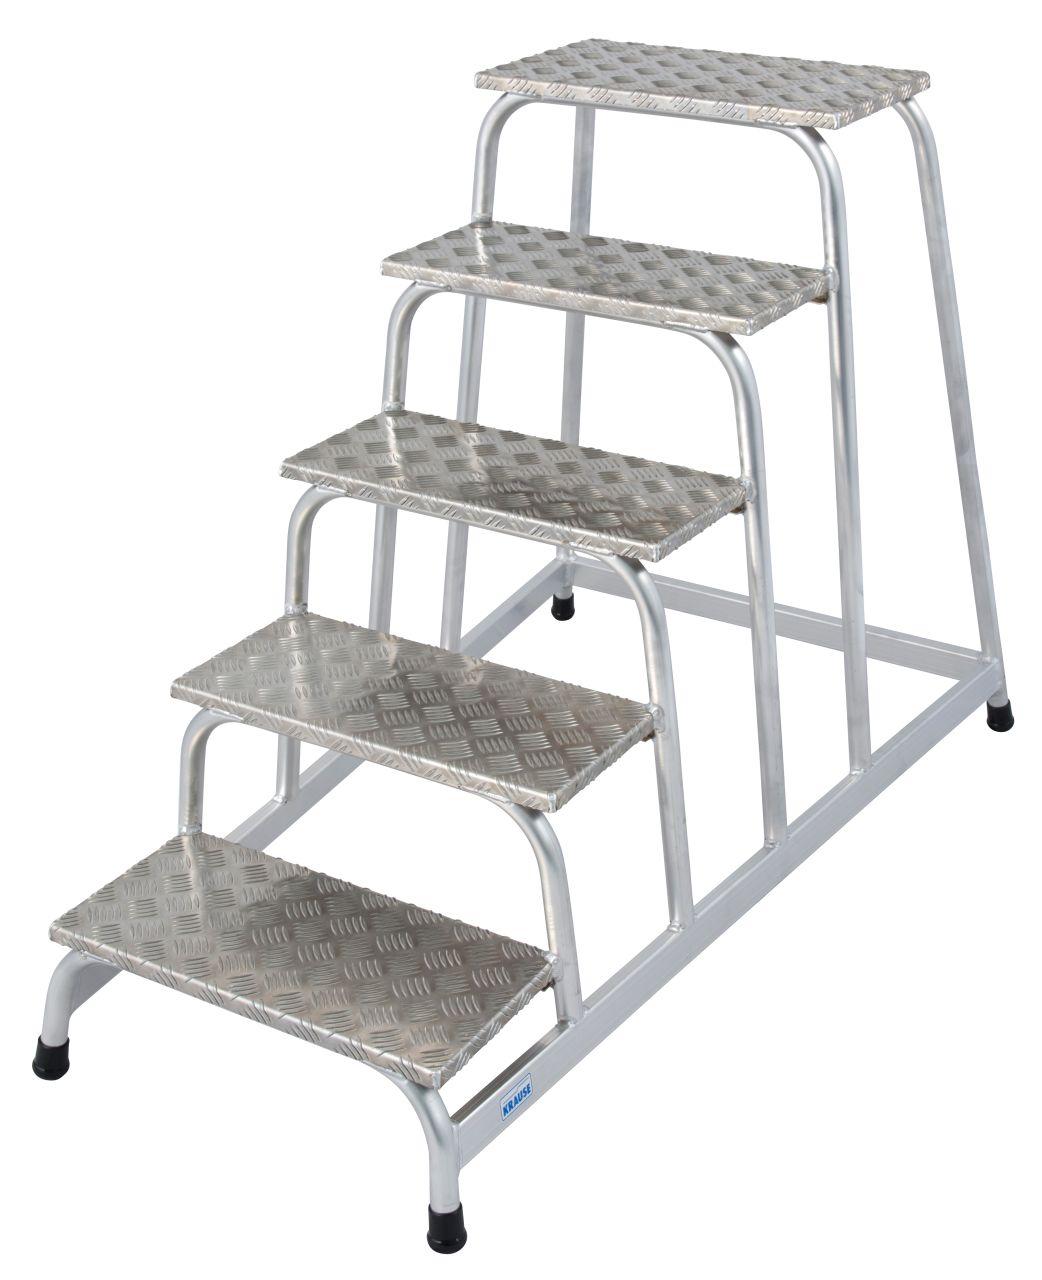 Монтажная подставка. Прочная монтажная подставка из алюминия, хорошо зарекомендовавшая себя в условиях повышенной опасности скольжения.